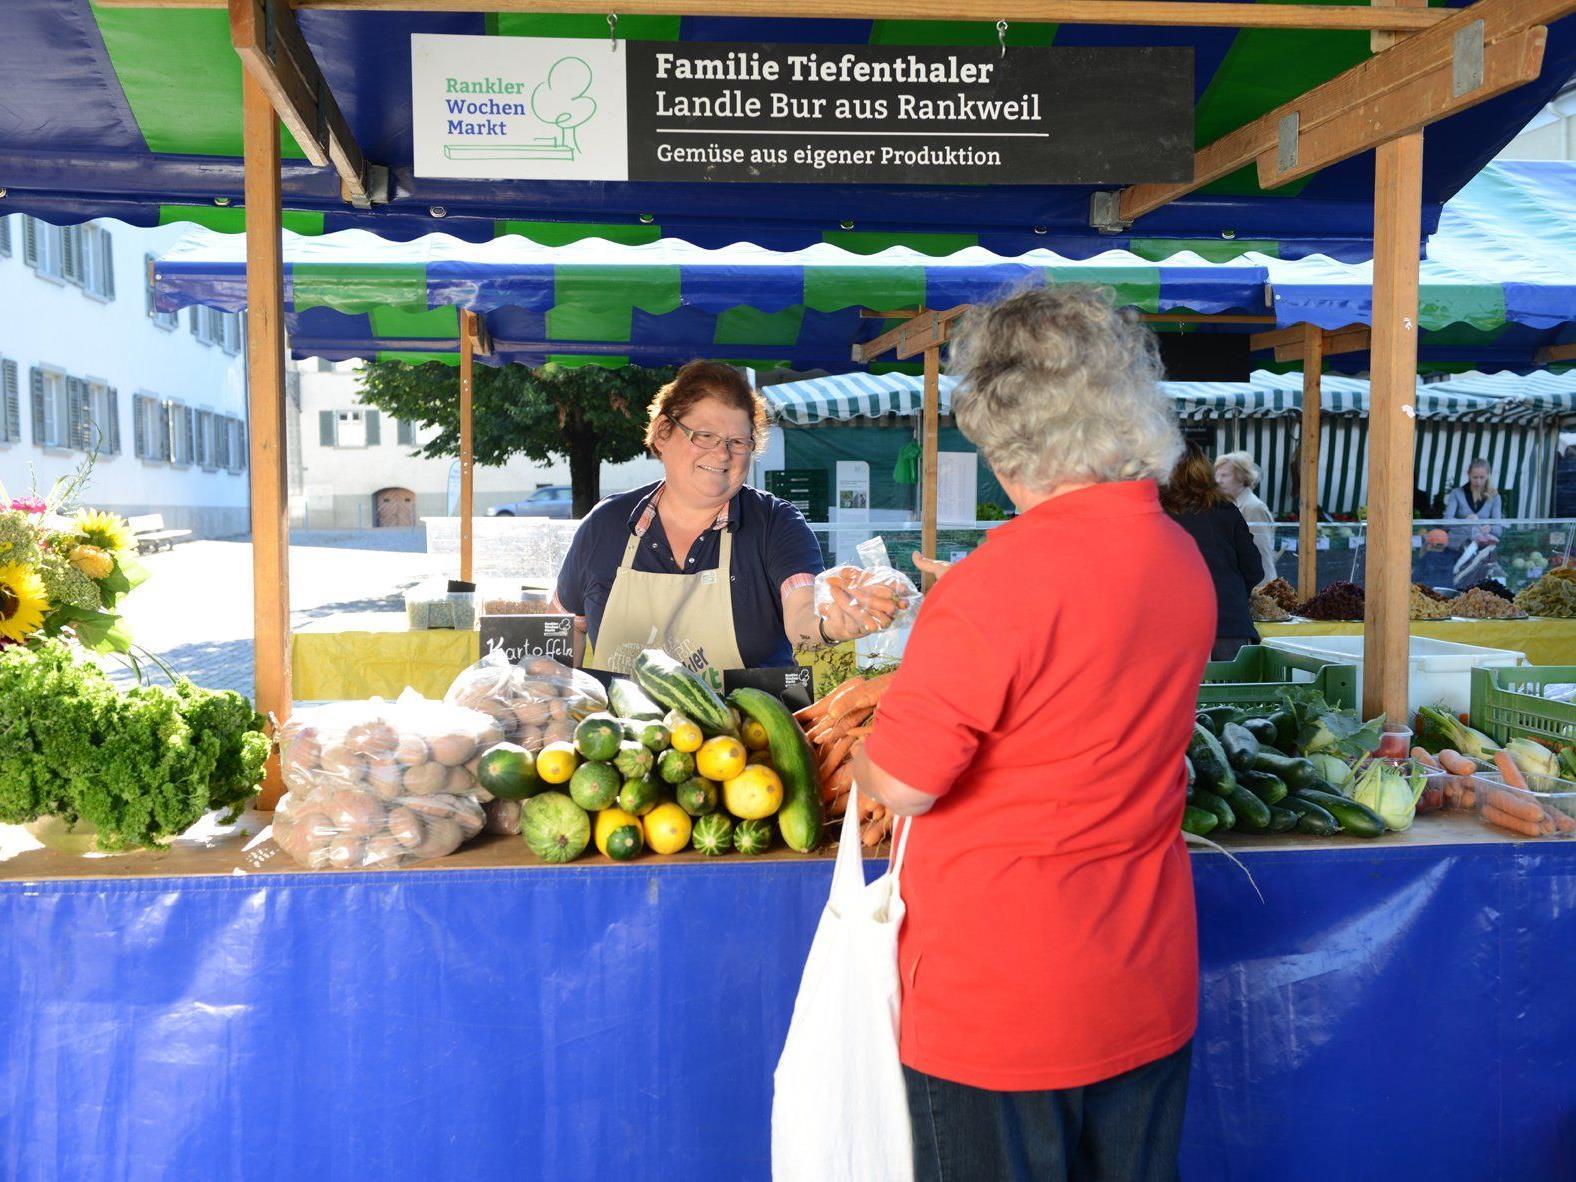 Der Rankler Wochenmarkt: Jeden Mittwoch von 8.00 bis 12.00 Uhr, Marktplatz Rankweil